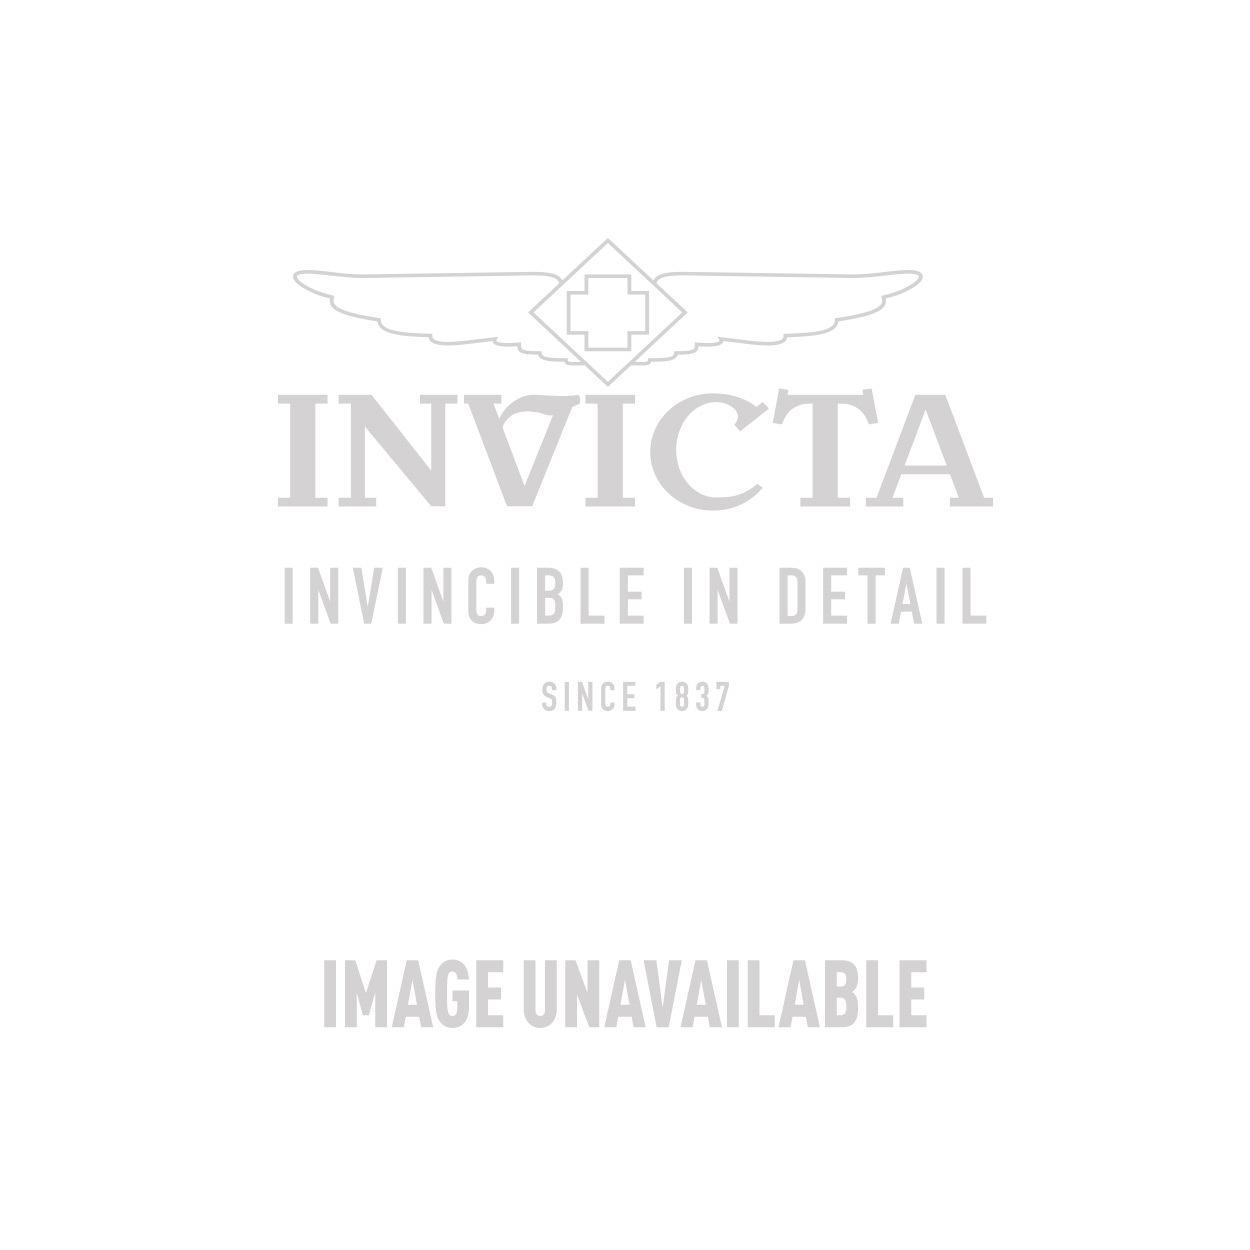 Invicta Model 25238